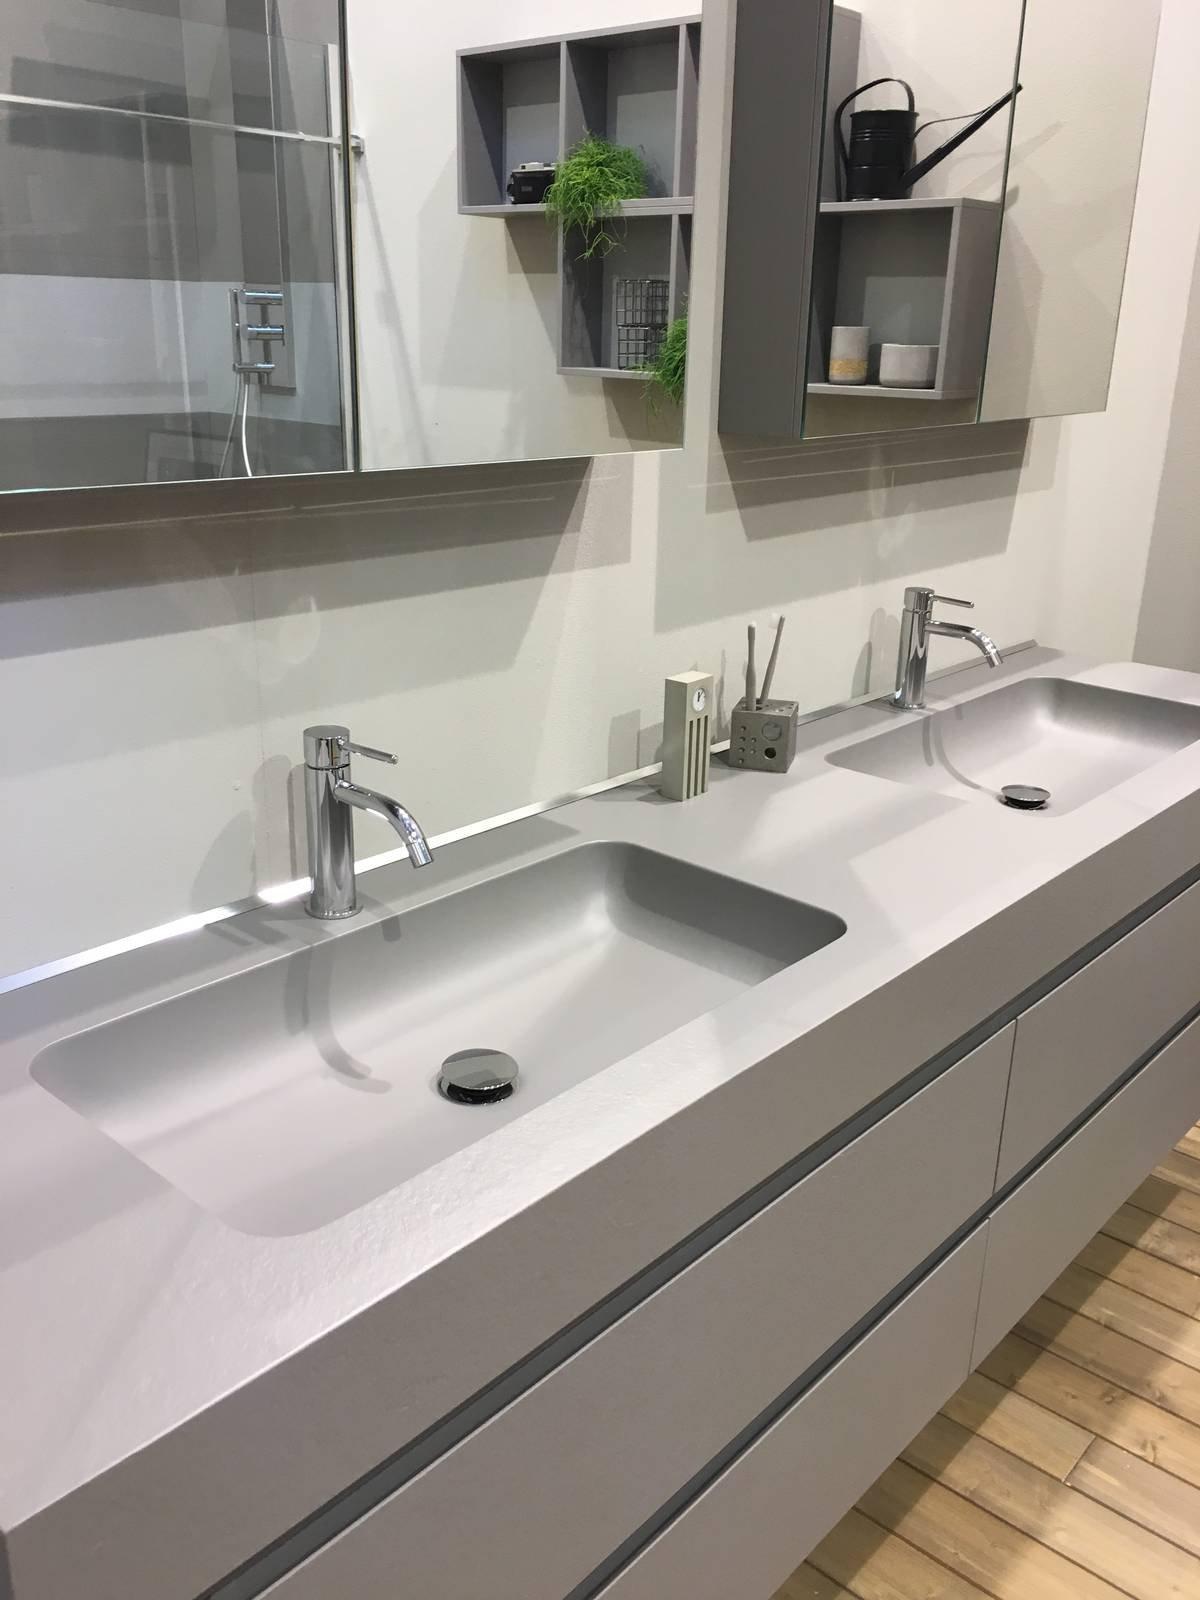 Foto in diretta da cersaie 2017 guarda le nuove tendenze per bagno piastrelle e finiture di - Tendenze piastrelle bagno 2017 ...